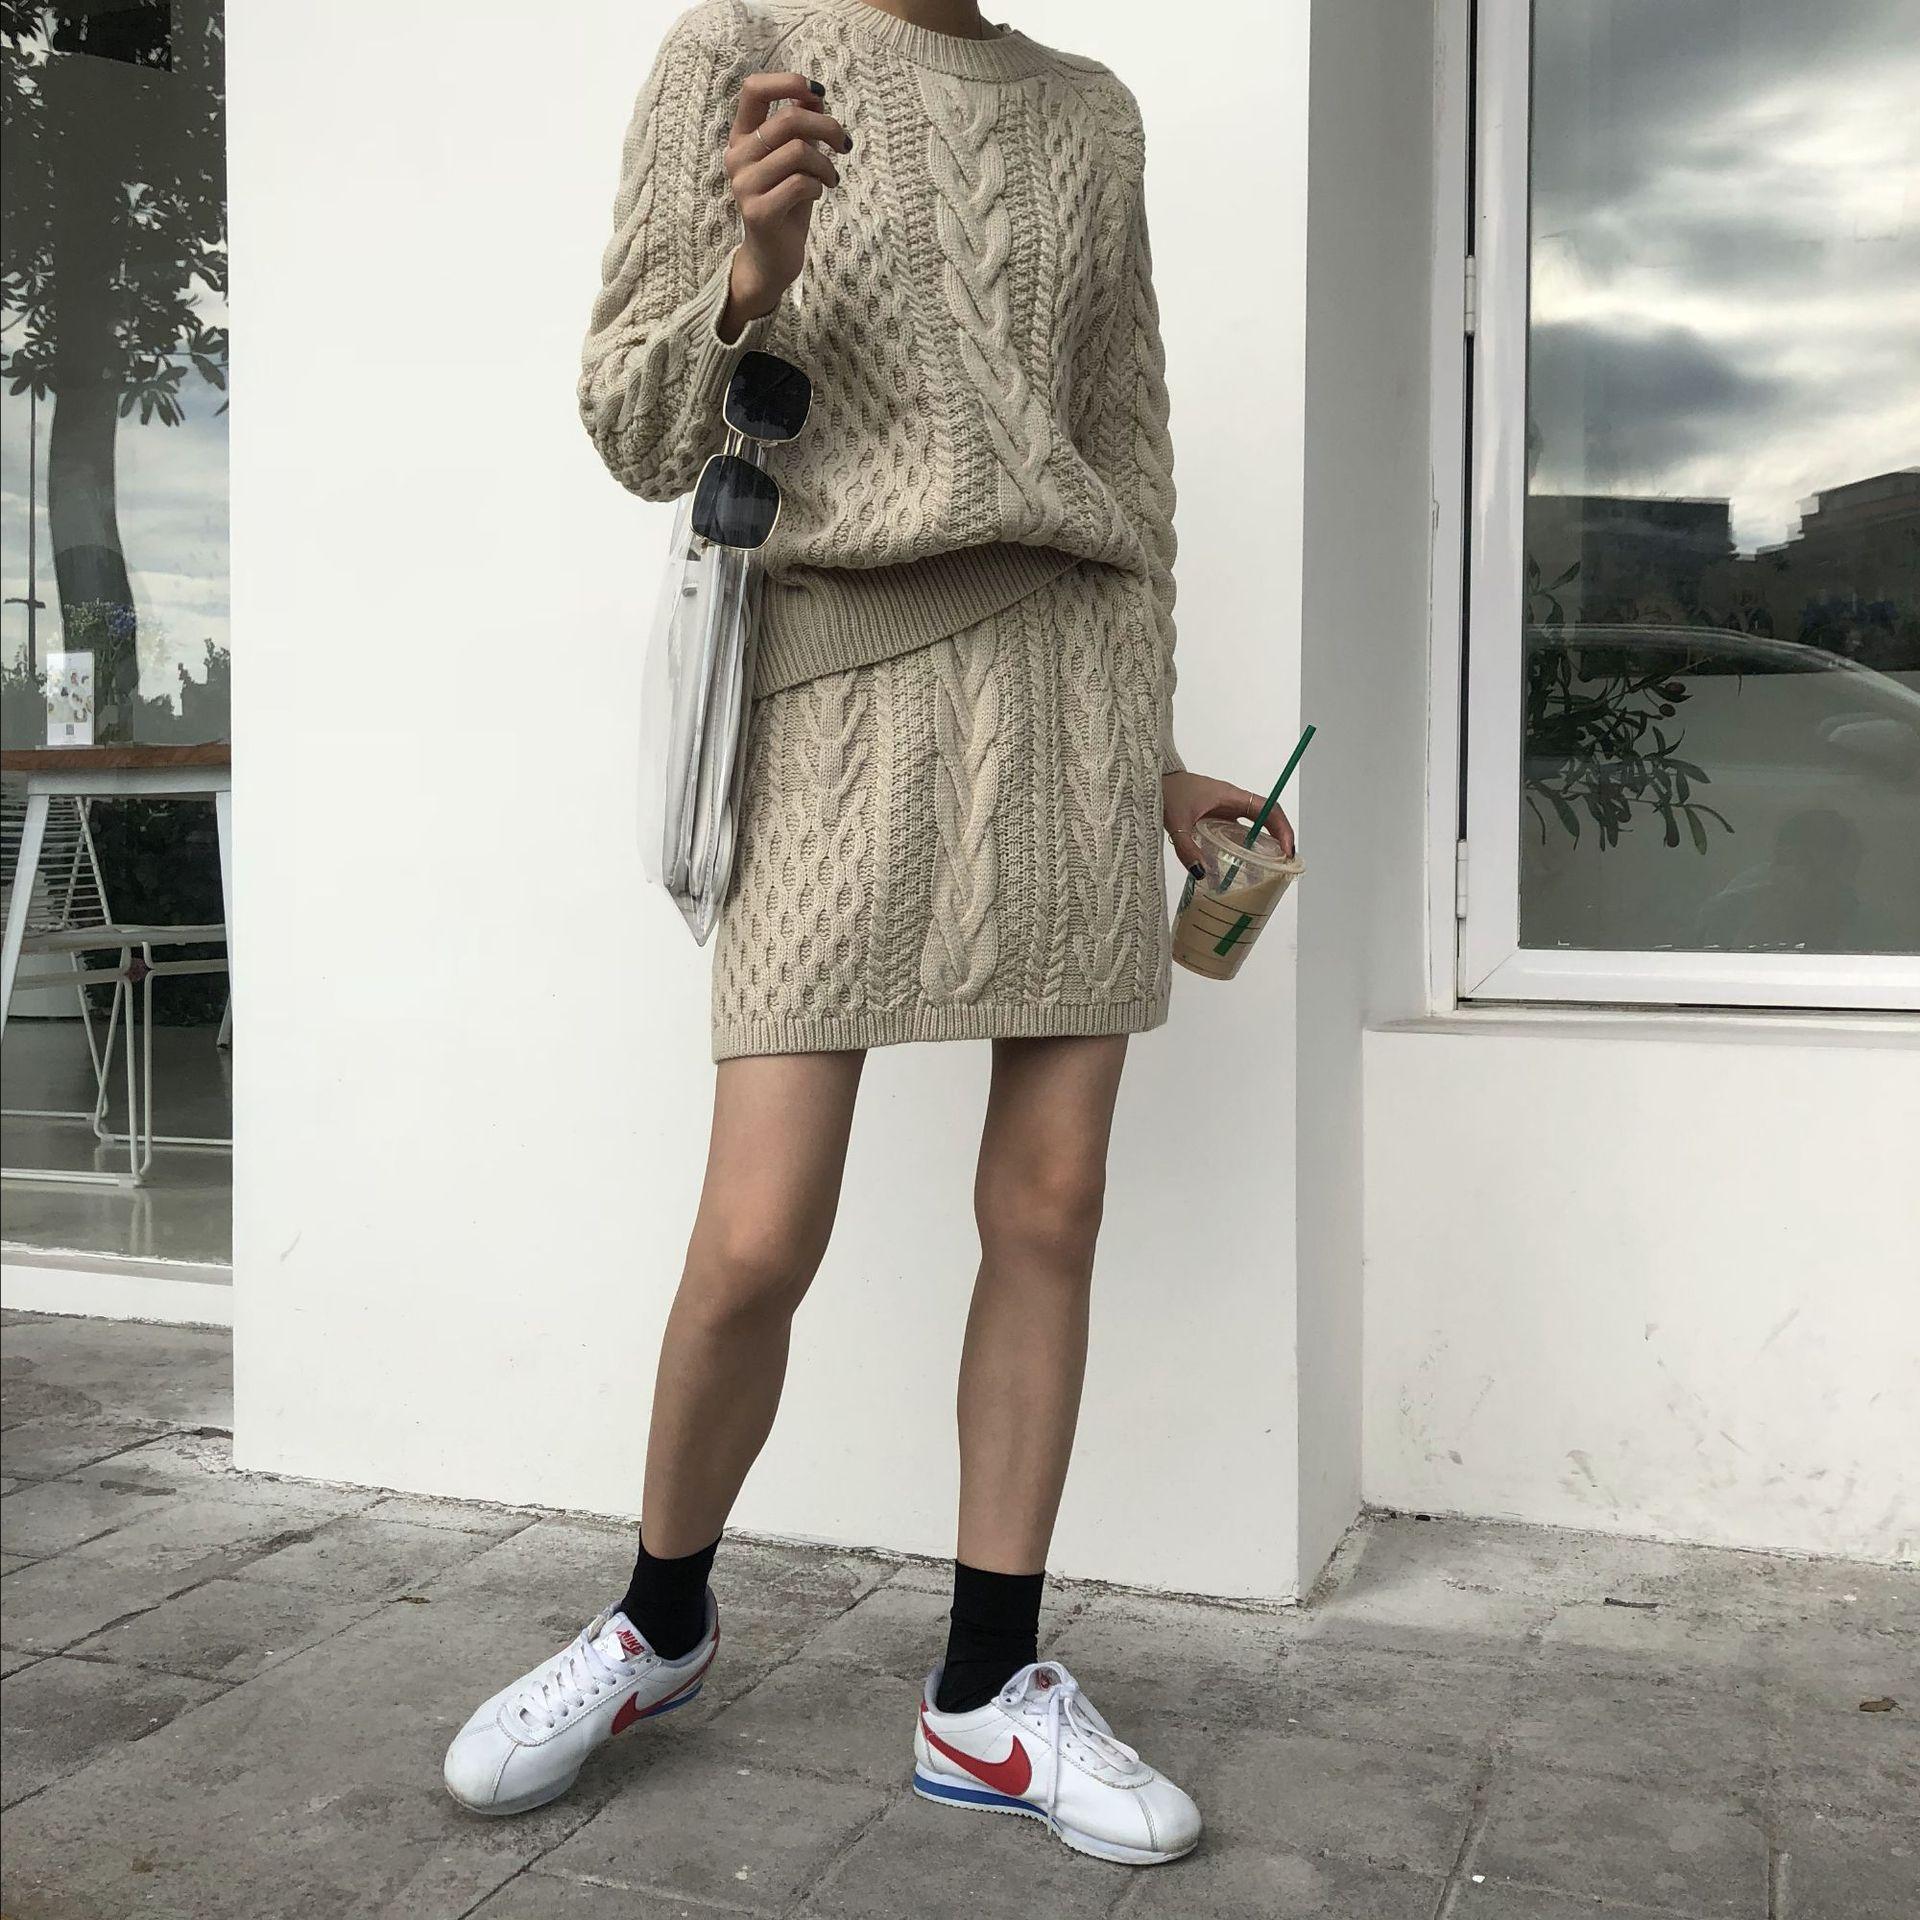 Poncho offre spéciale coton 2018 nouveau femmes tricot costume col rond décontracté à manches longues lâche pull + jupe deux pièces femme